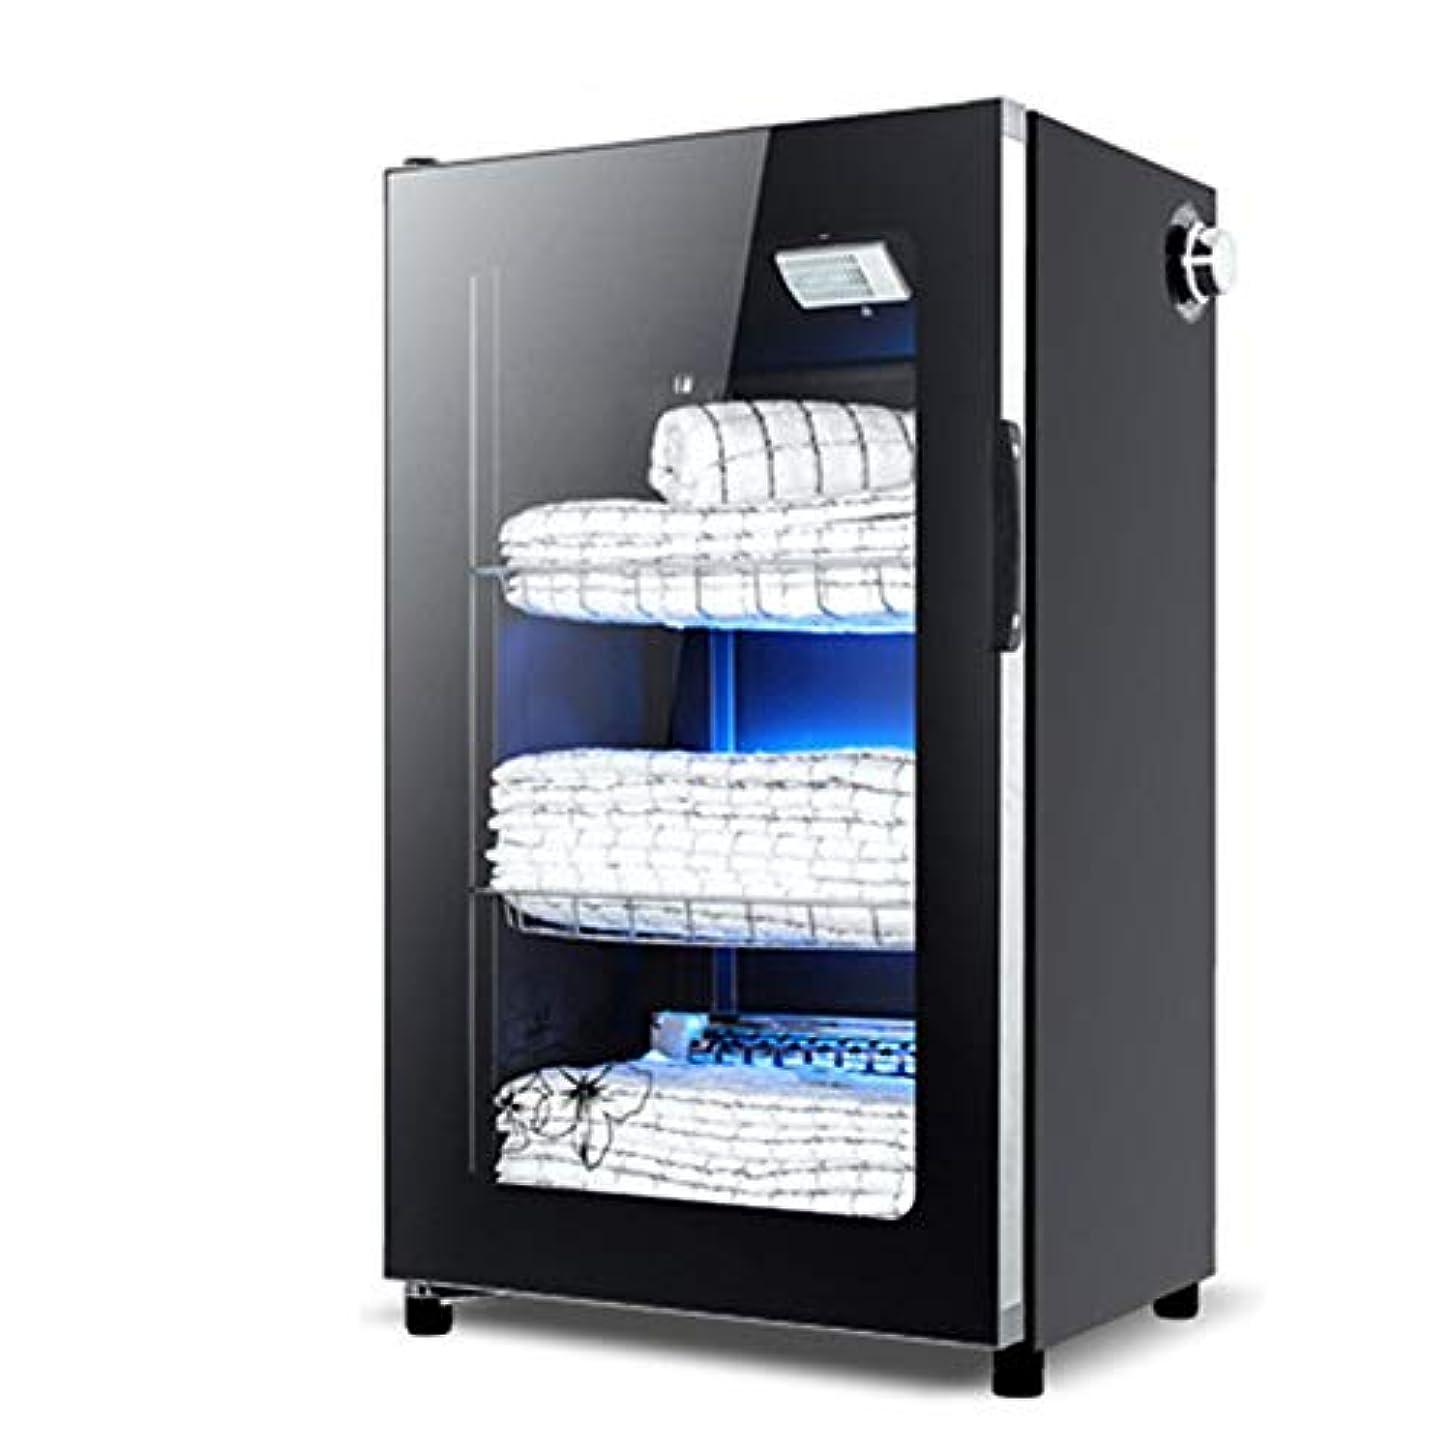 提供するヘビこれら黒の大容量マルチデッカーホットタオルキャビネット&紫外線オゾン滅菌サロンスパ美容機器(38L / 68L)